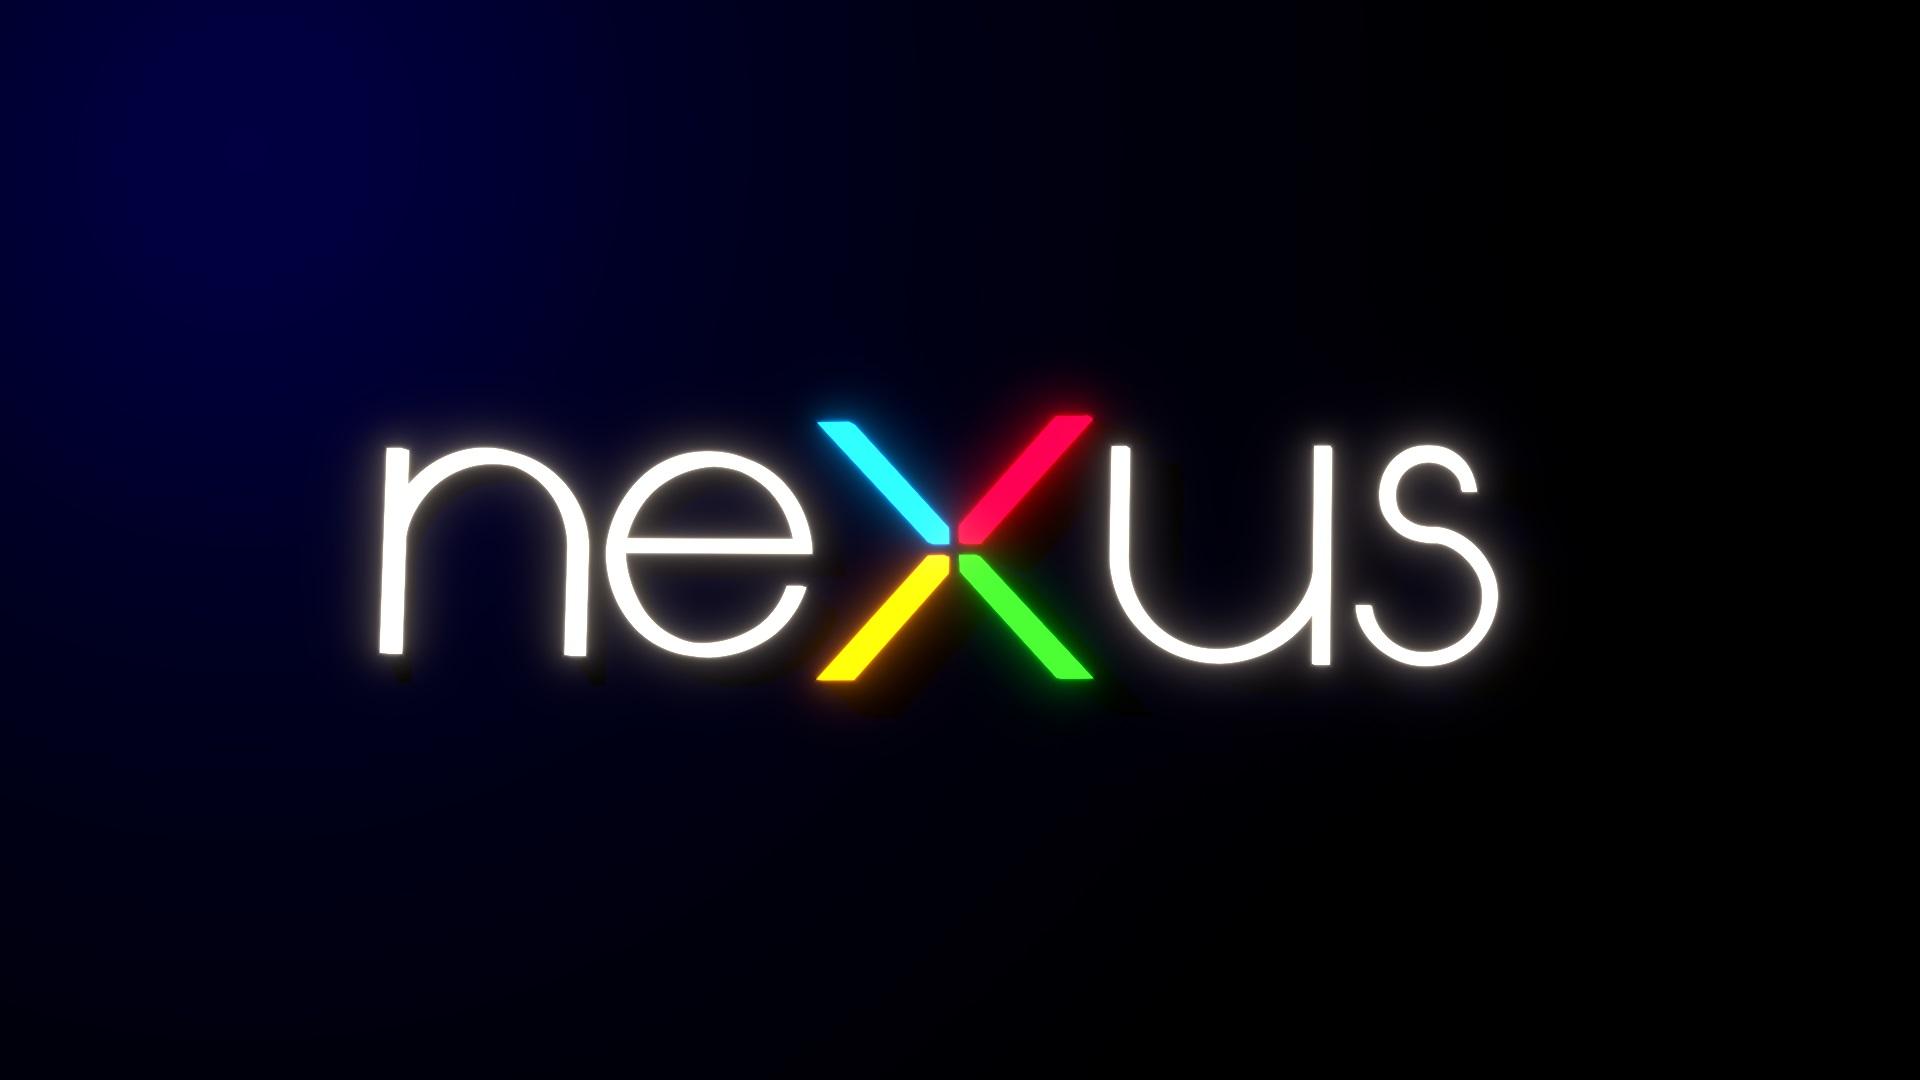 壁紙 Googleのネクサスのロゴ 1920x1080 Full Hd 2k 無料の